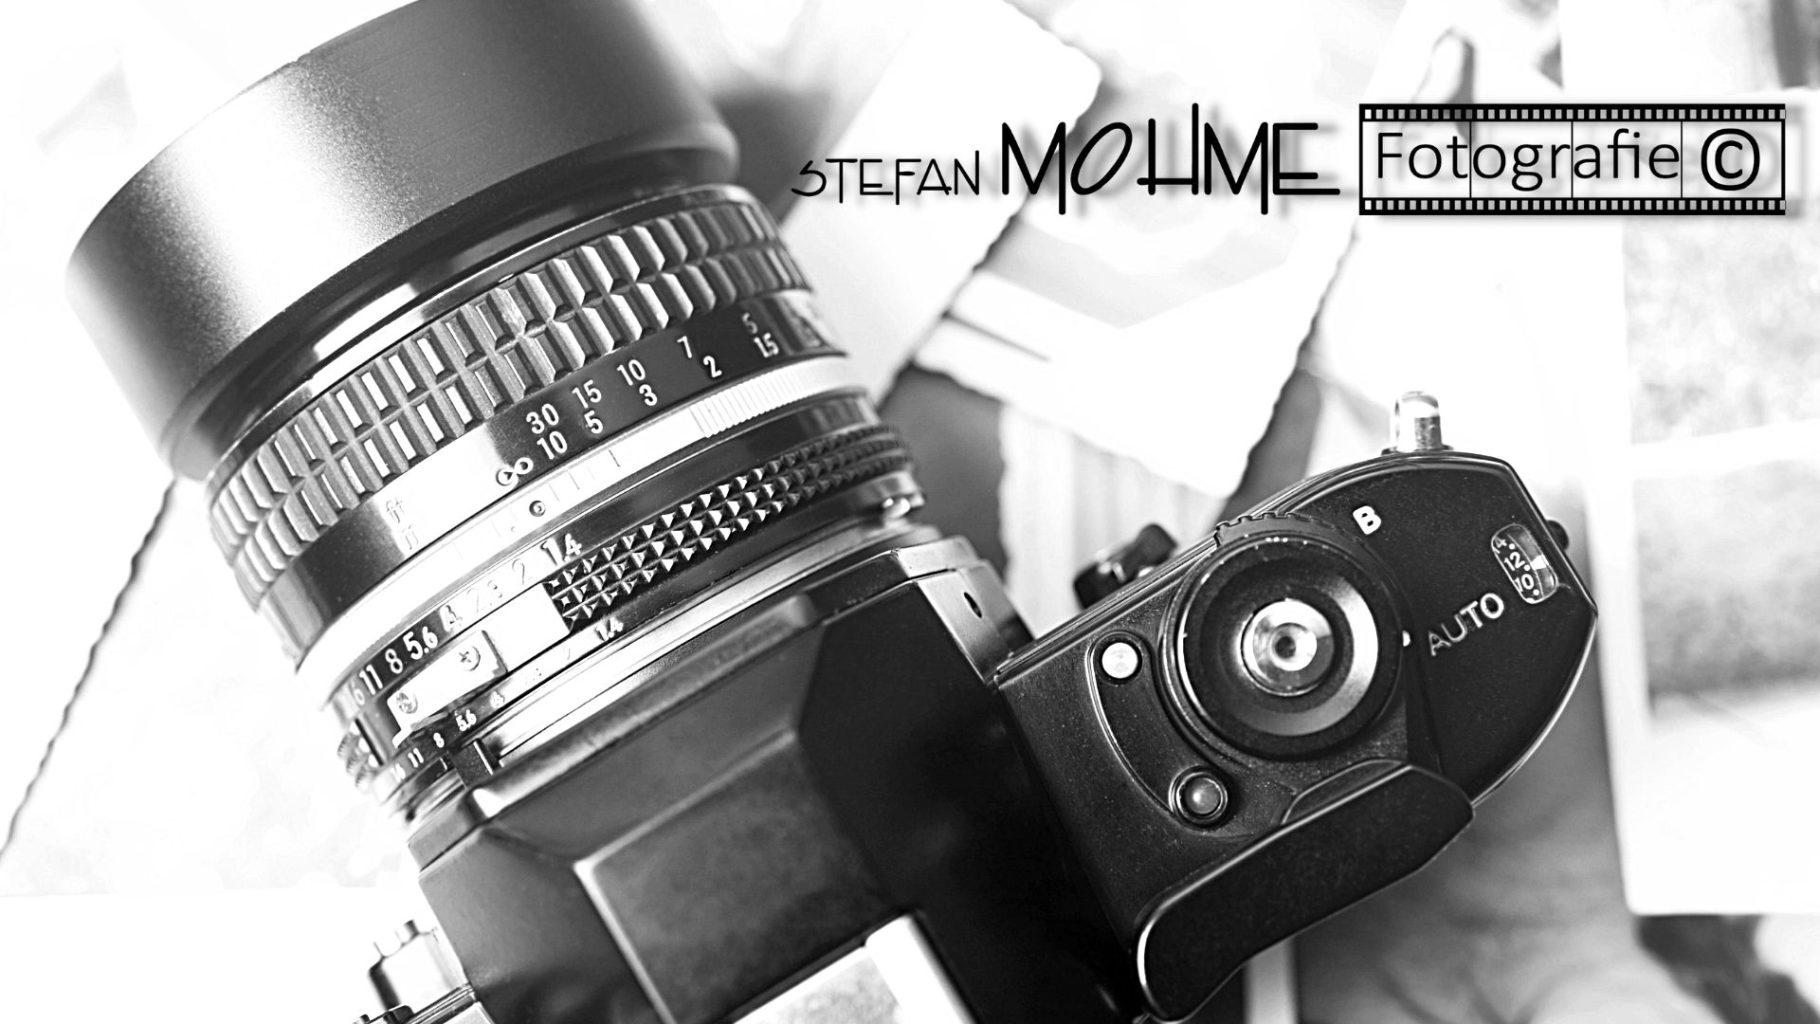 Kamera, Retro, schwarzweiss, Logo, Stefan Mohme